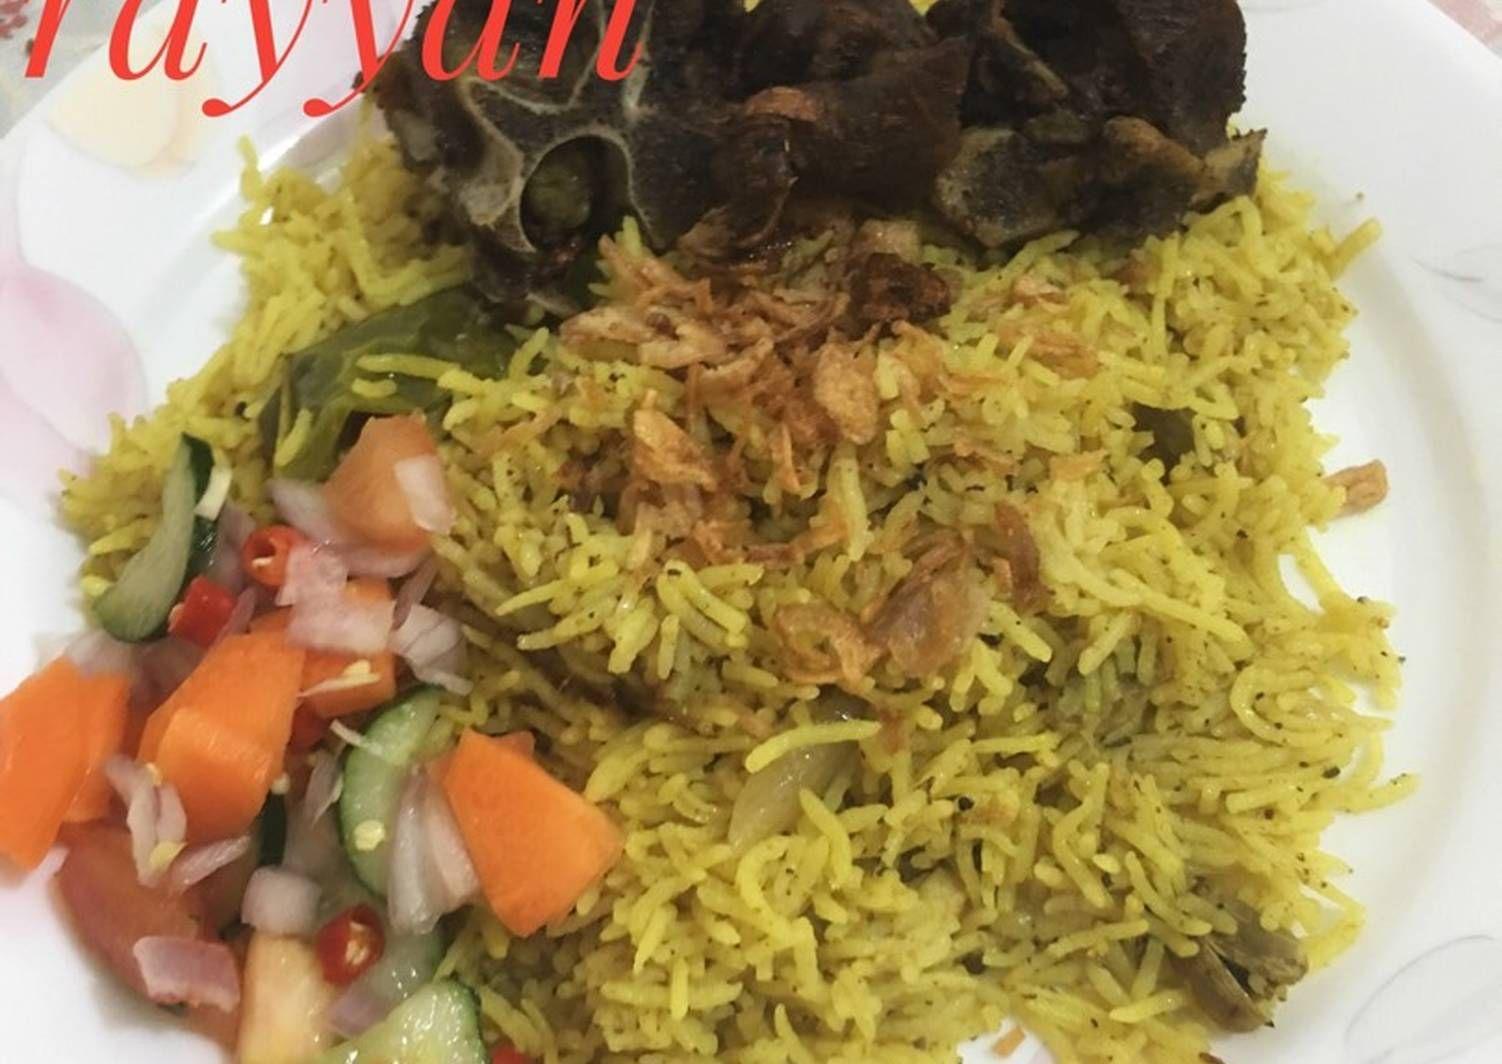 Resep Nasi Kebuli Resep Asli Bukan Kw Oleh Ummu Rayyan Resep Rebusan Daging Rebusan Resep